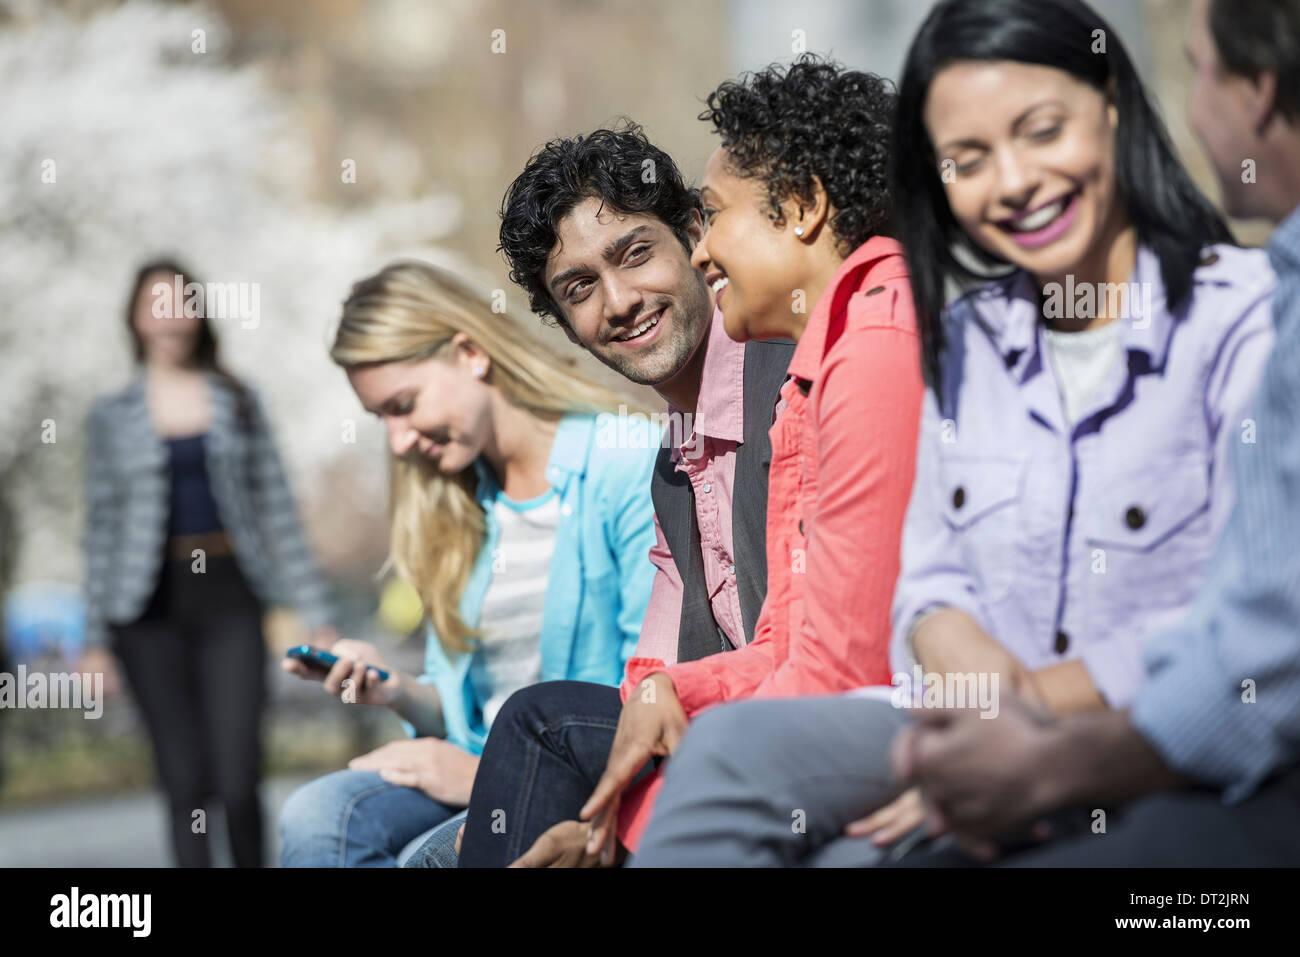 Cinque persone sedute in una fila nel parco Immagini Stock